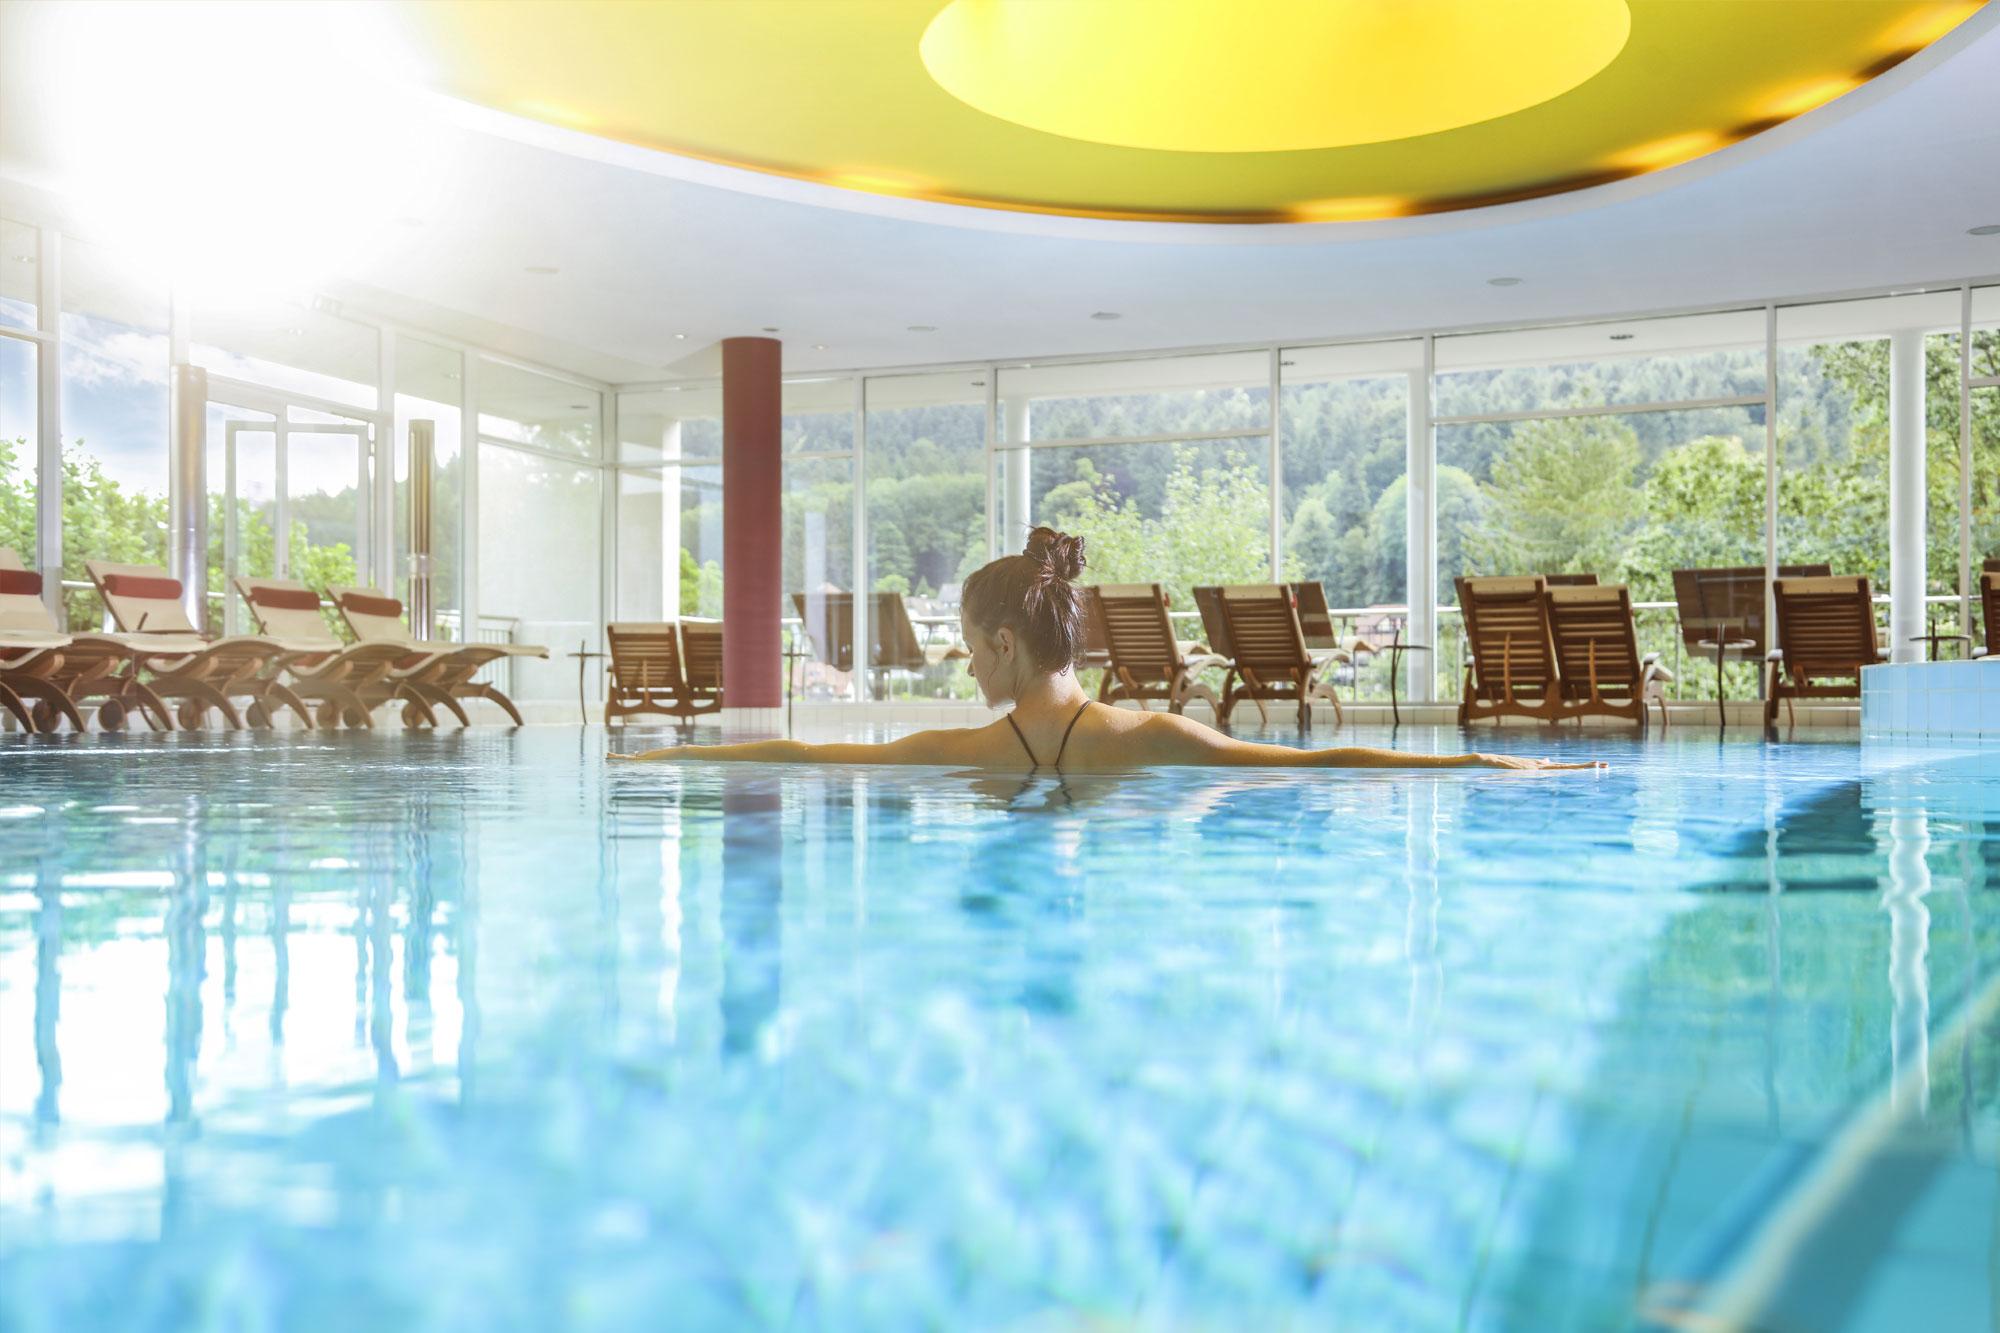 Wellnessbereich im Hotel Schwarzwald Panorama mit Innenpool und Panoramafenstern mit Blick auf die umliegende Landschaft